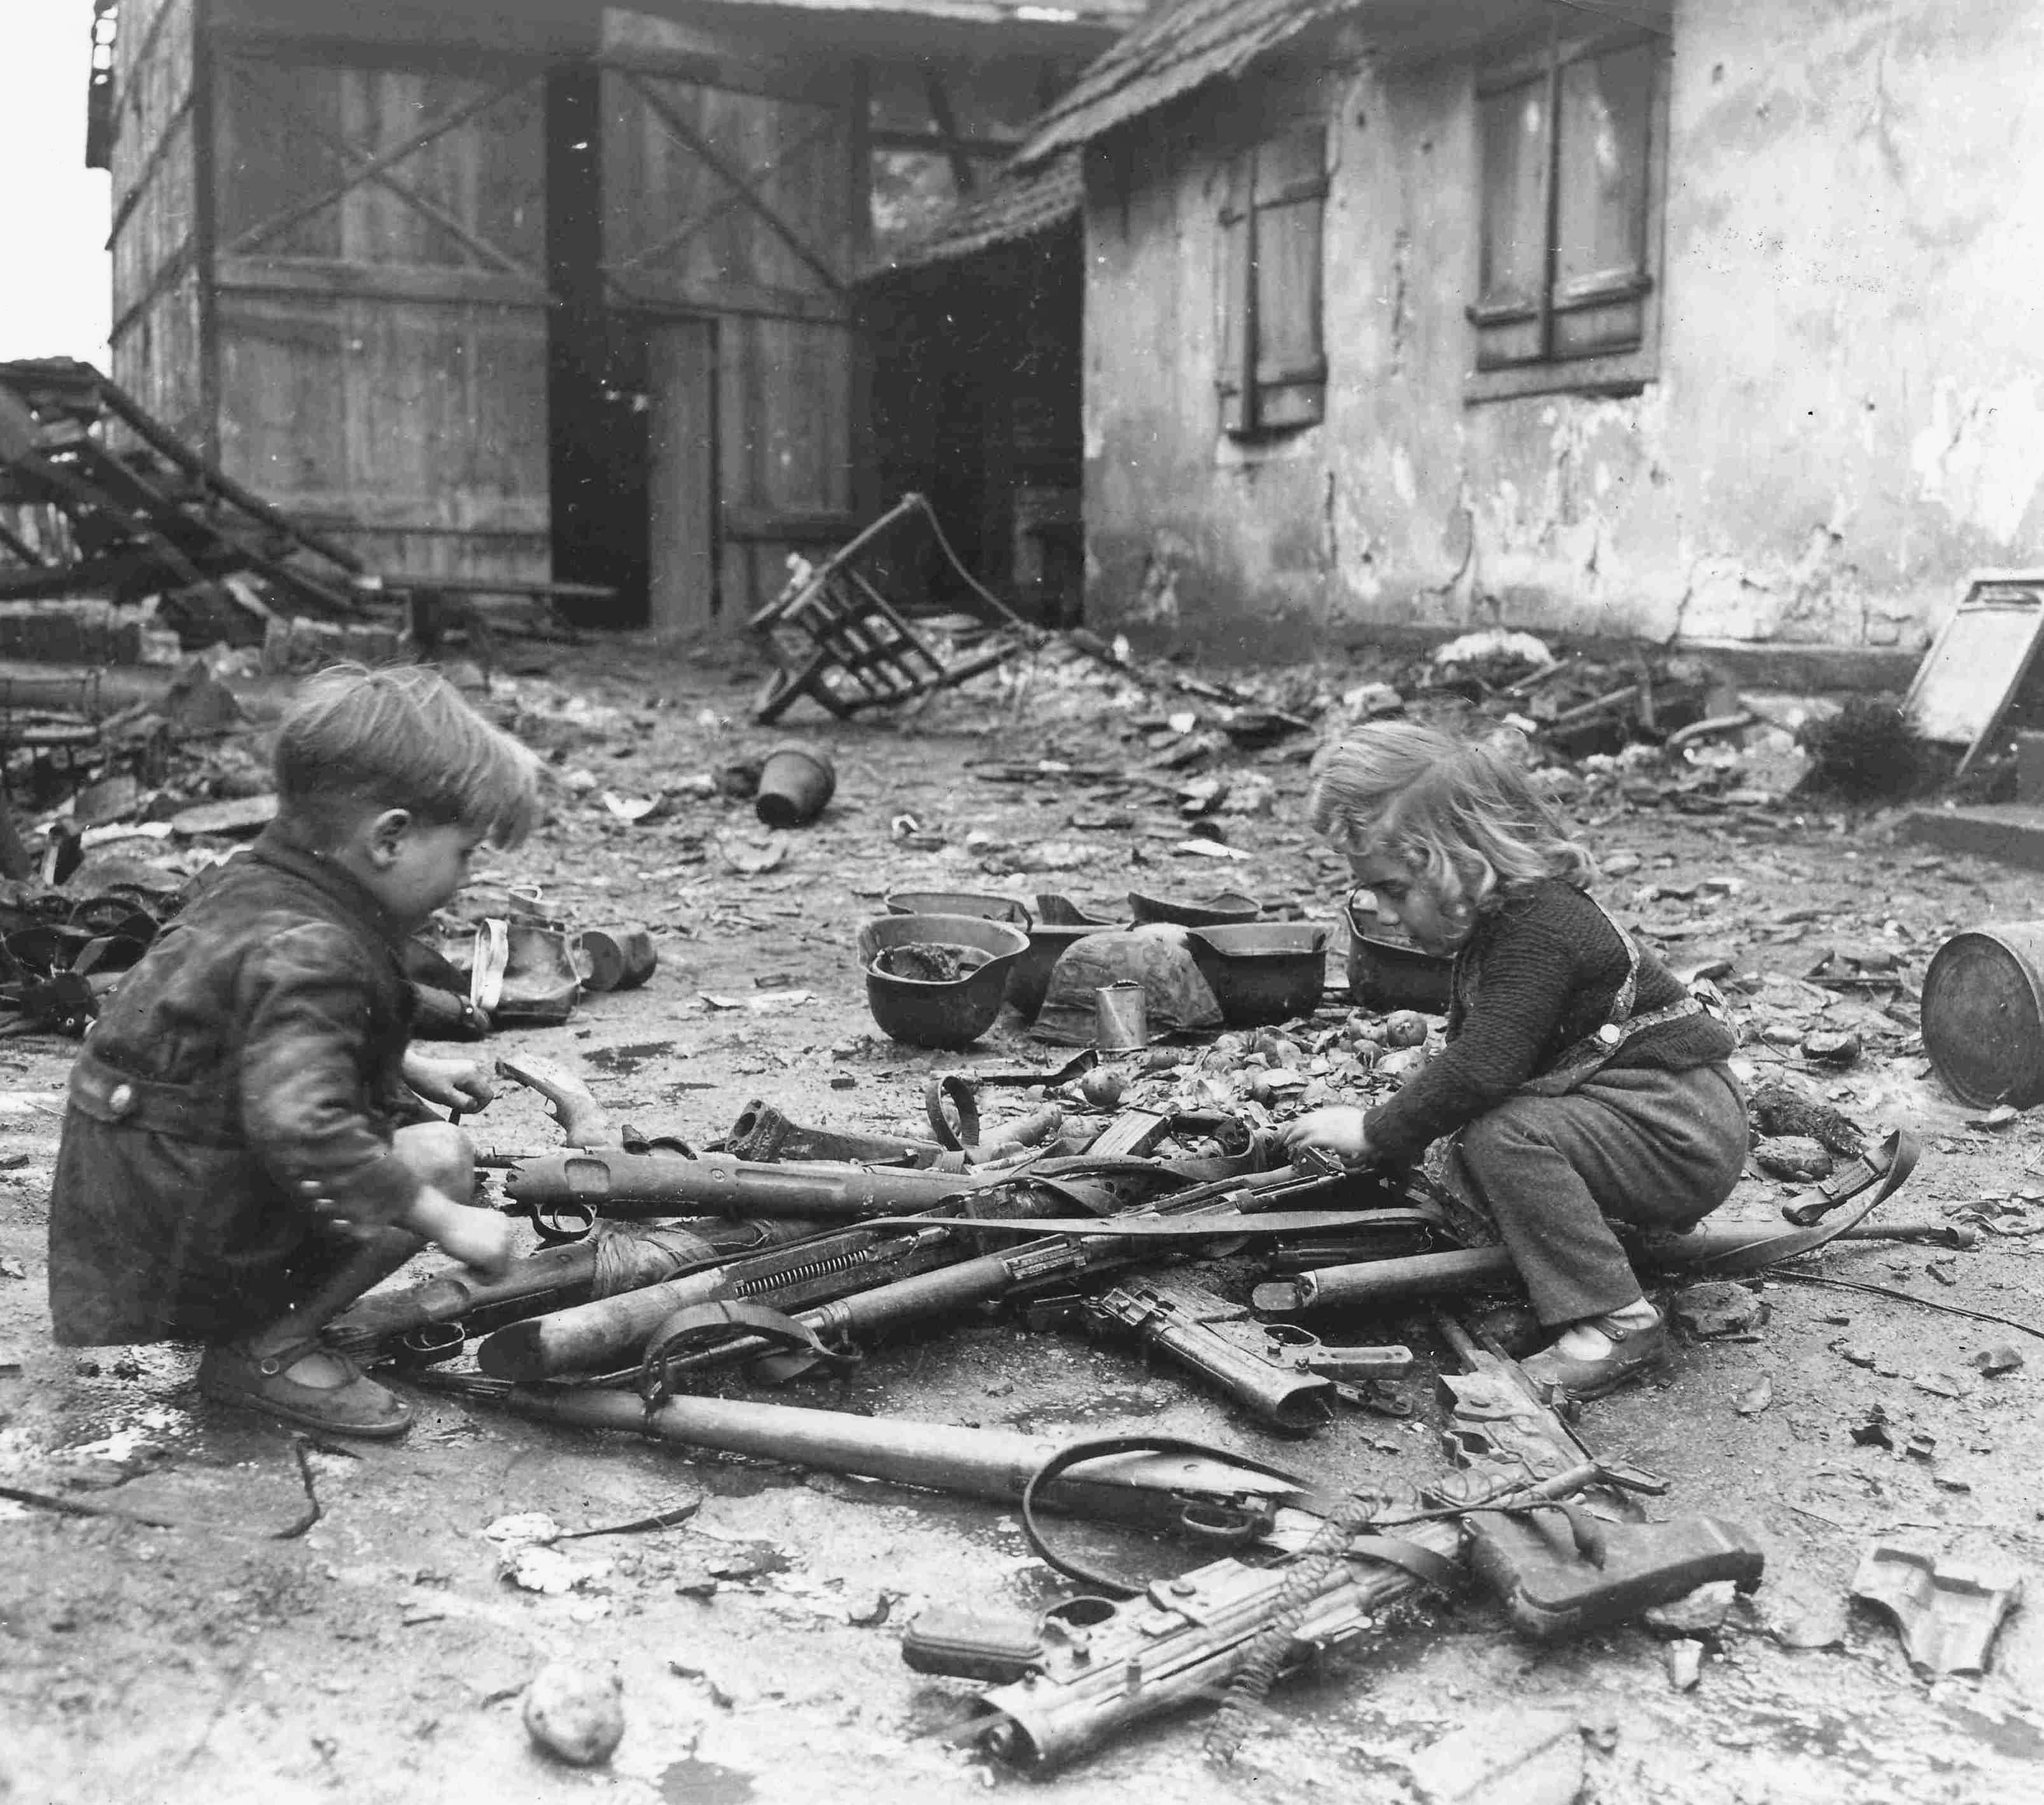 Играющие с оружием дети. Германия, 1945 год.